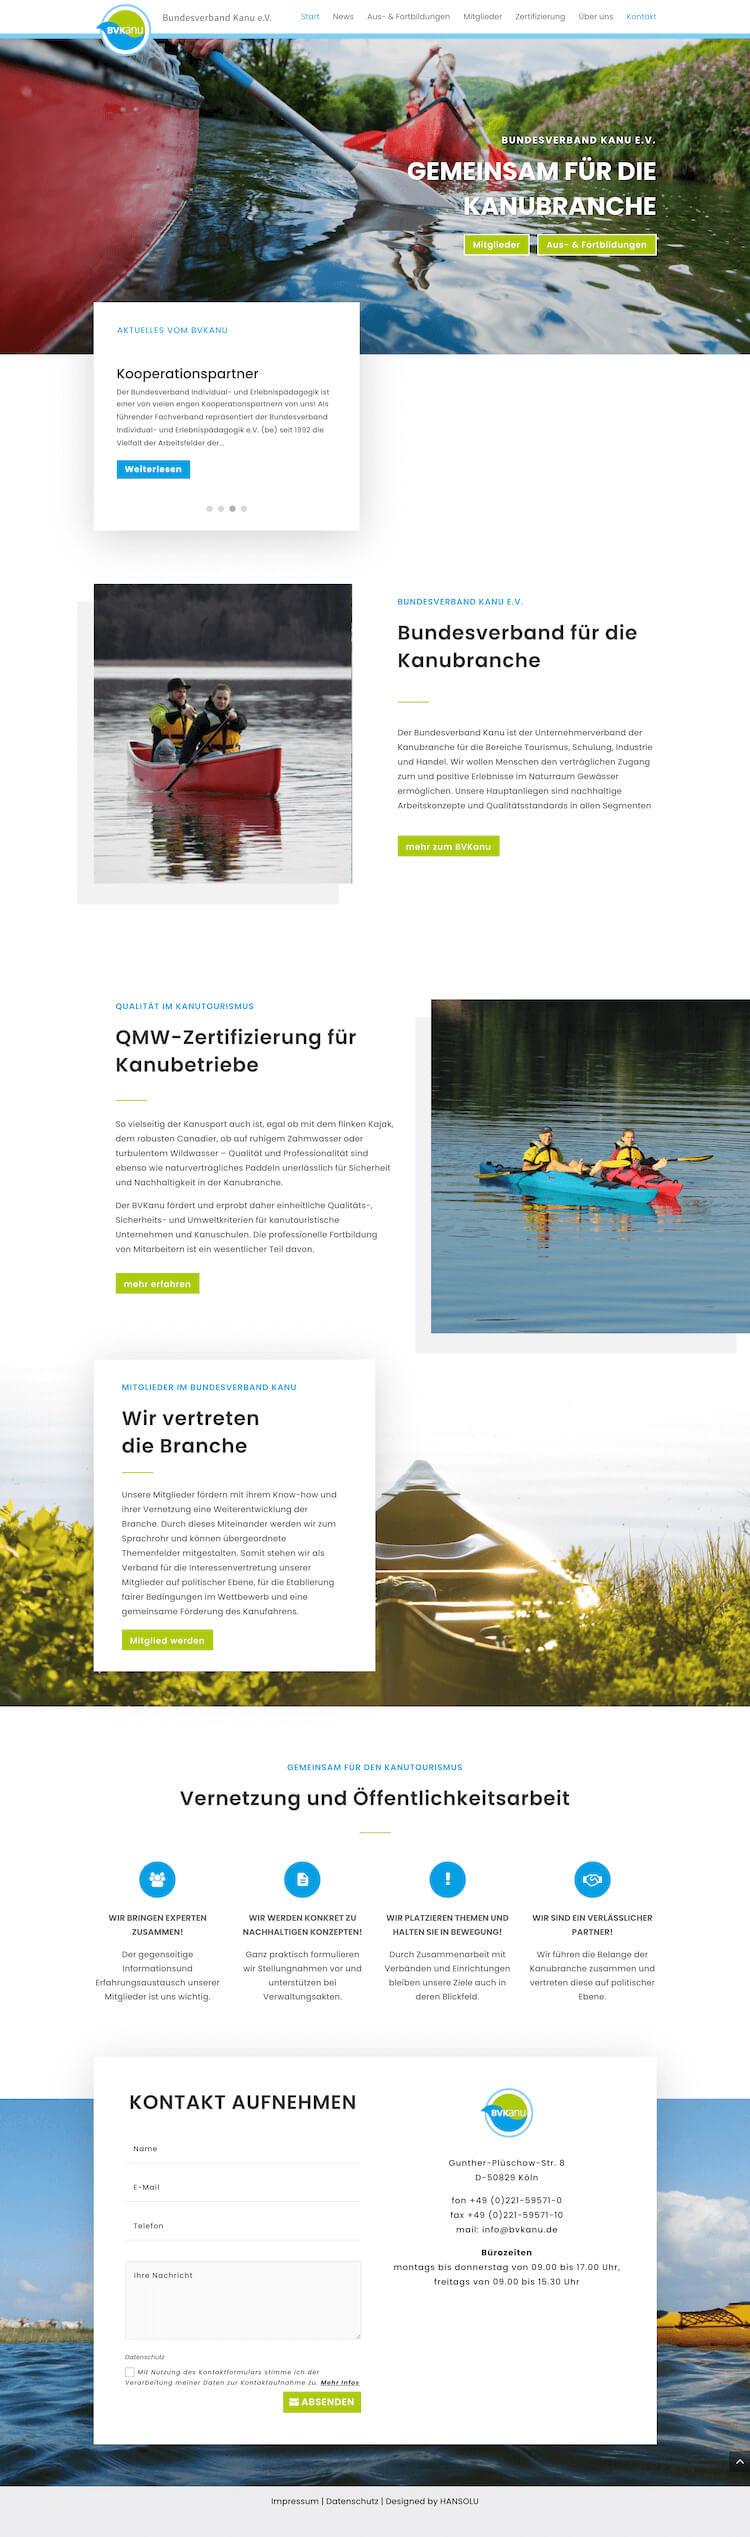 Webdesign für Verein